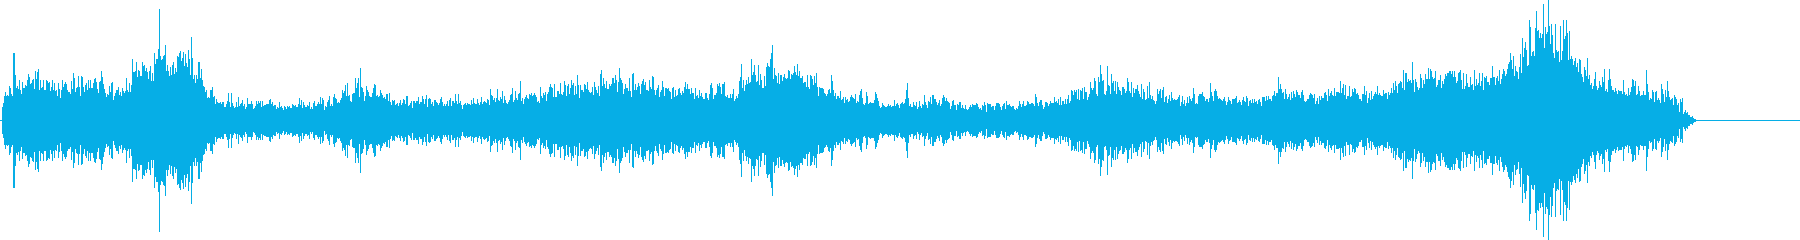 波の音ですの再生済みの波形